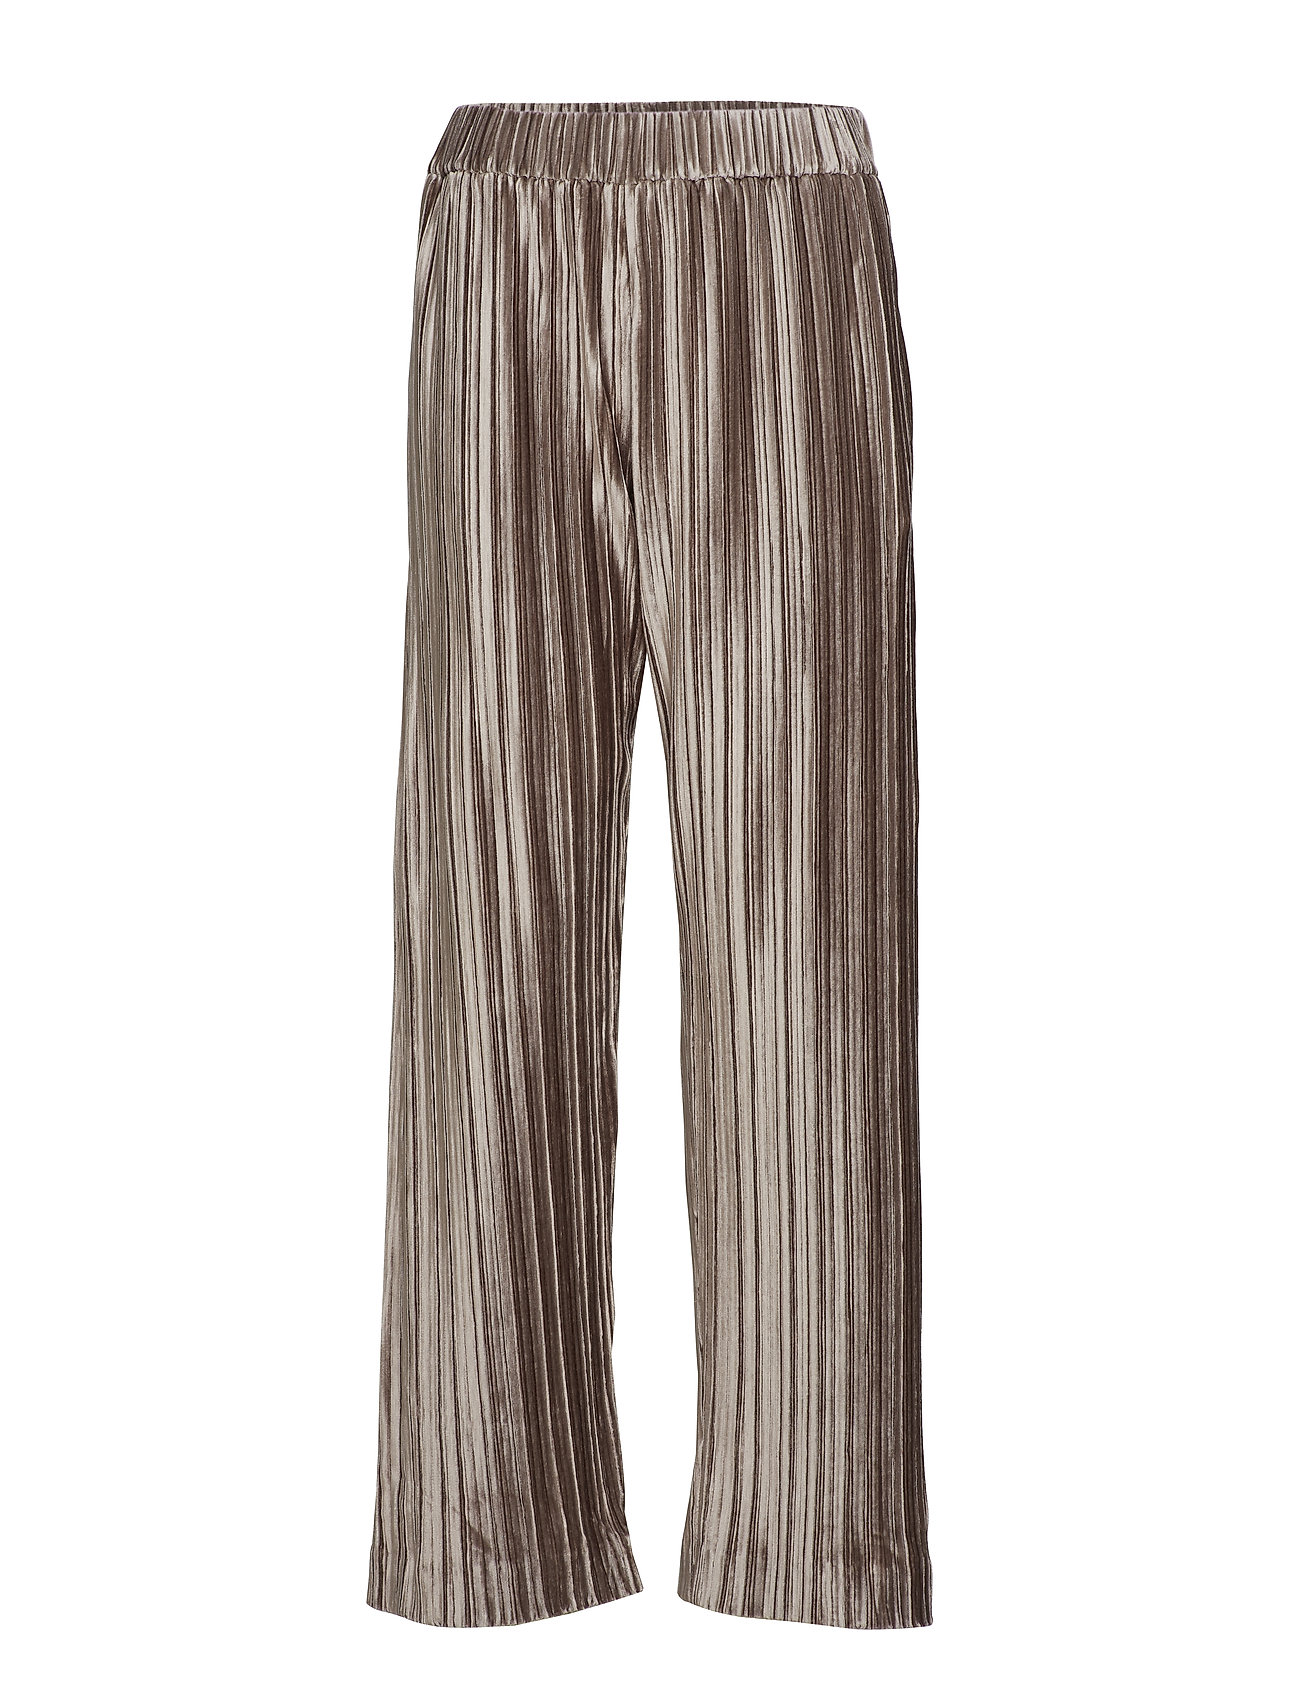 Image of Velvet Plissé Trousers Vide Bukser Brun Filippa K (3101136253)